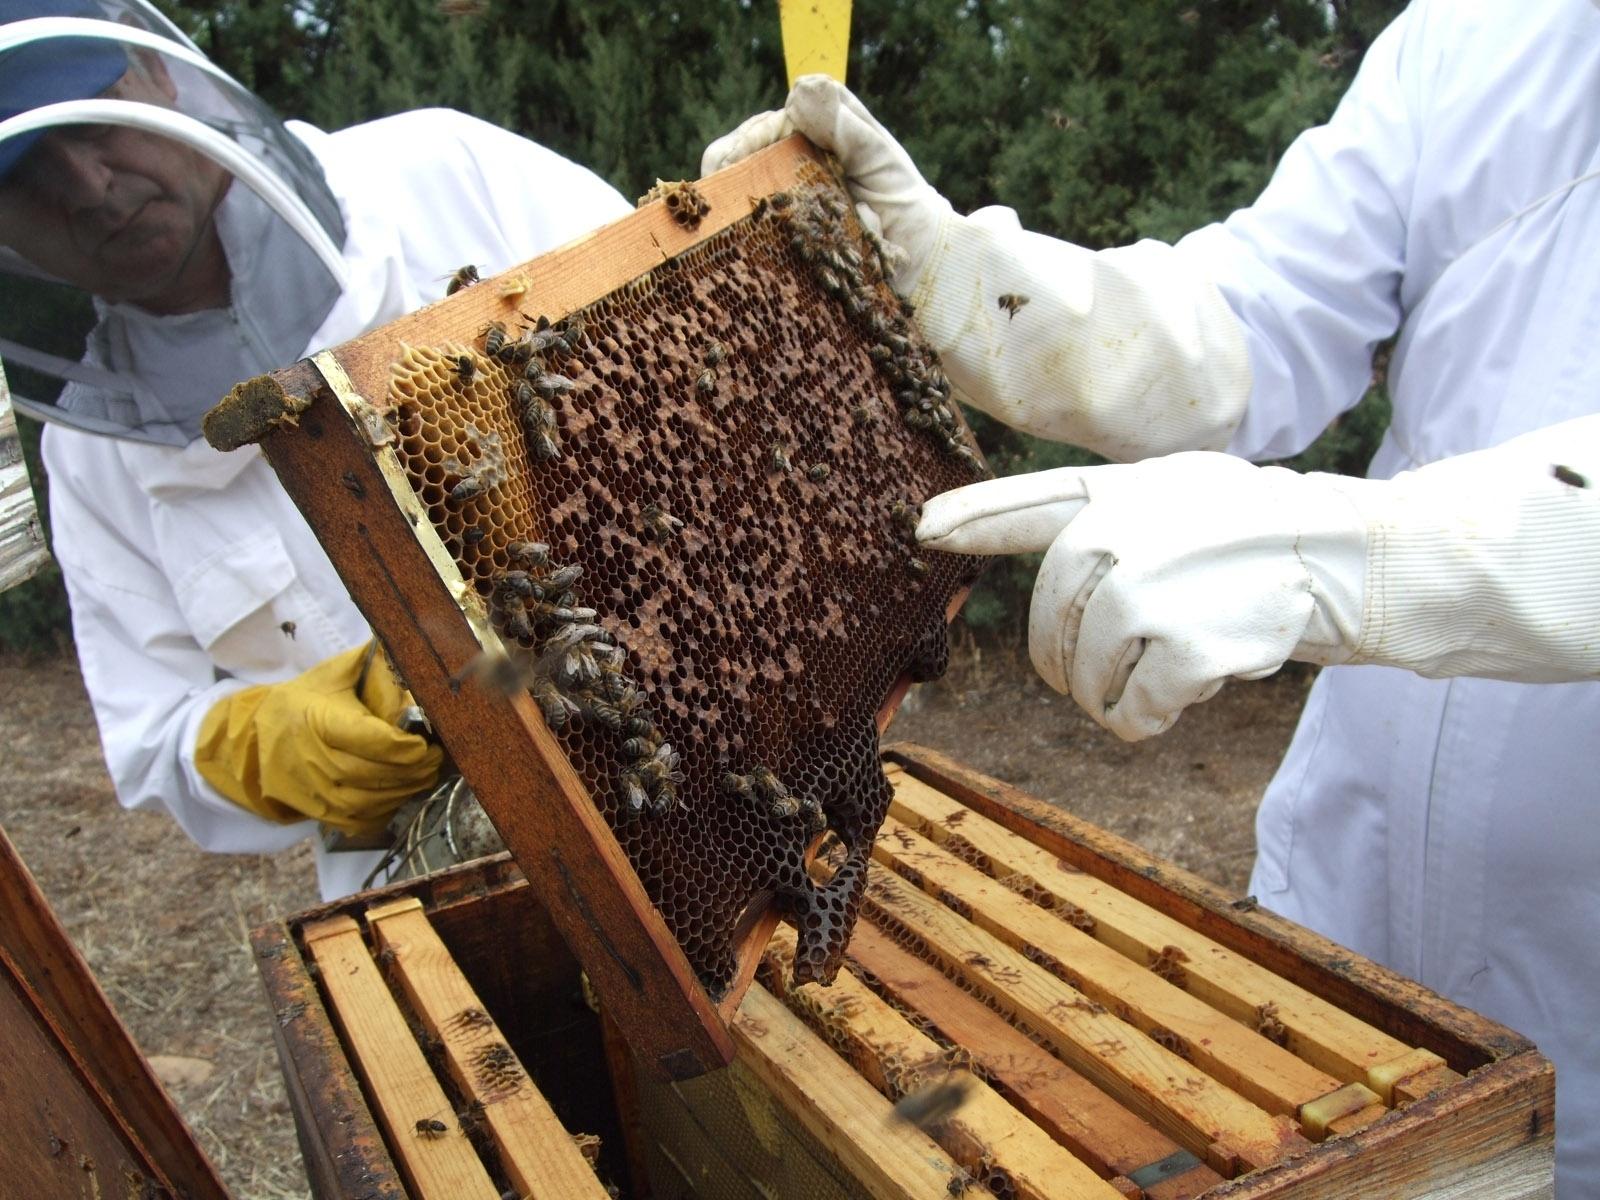 La cosecha de miel de La Alcarria de 2012 ha sido la más baja de la última década